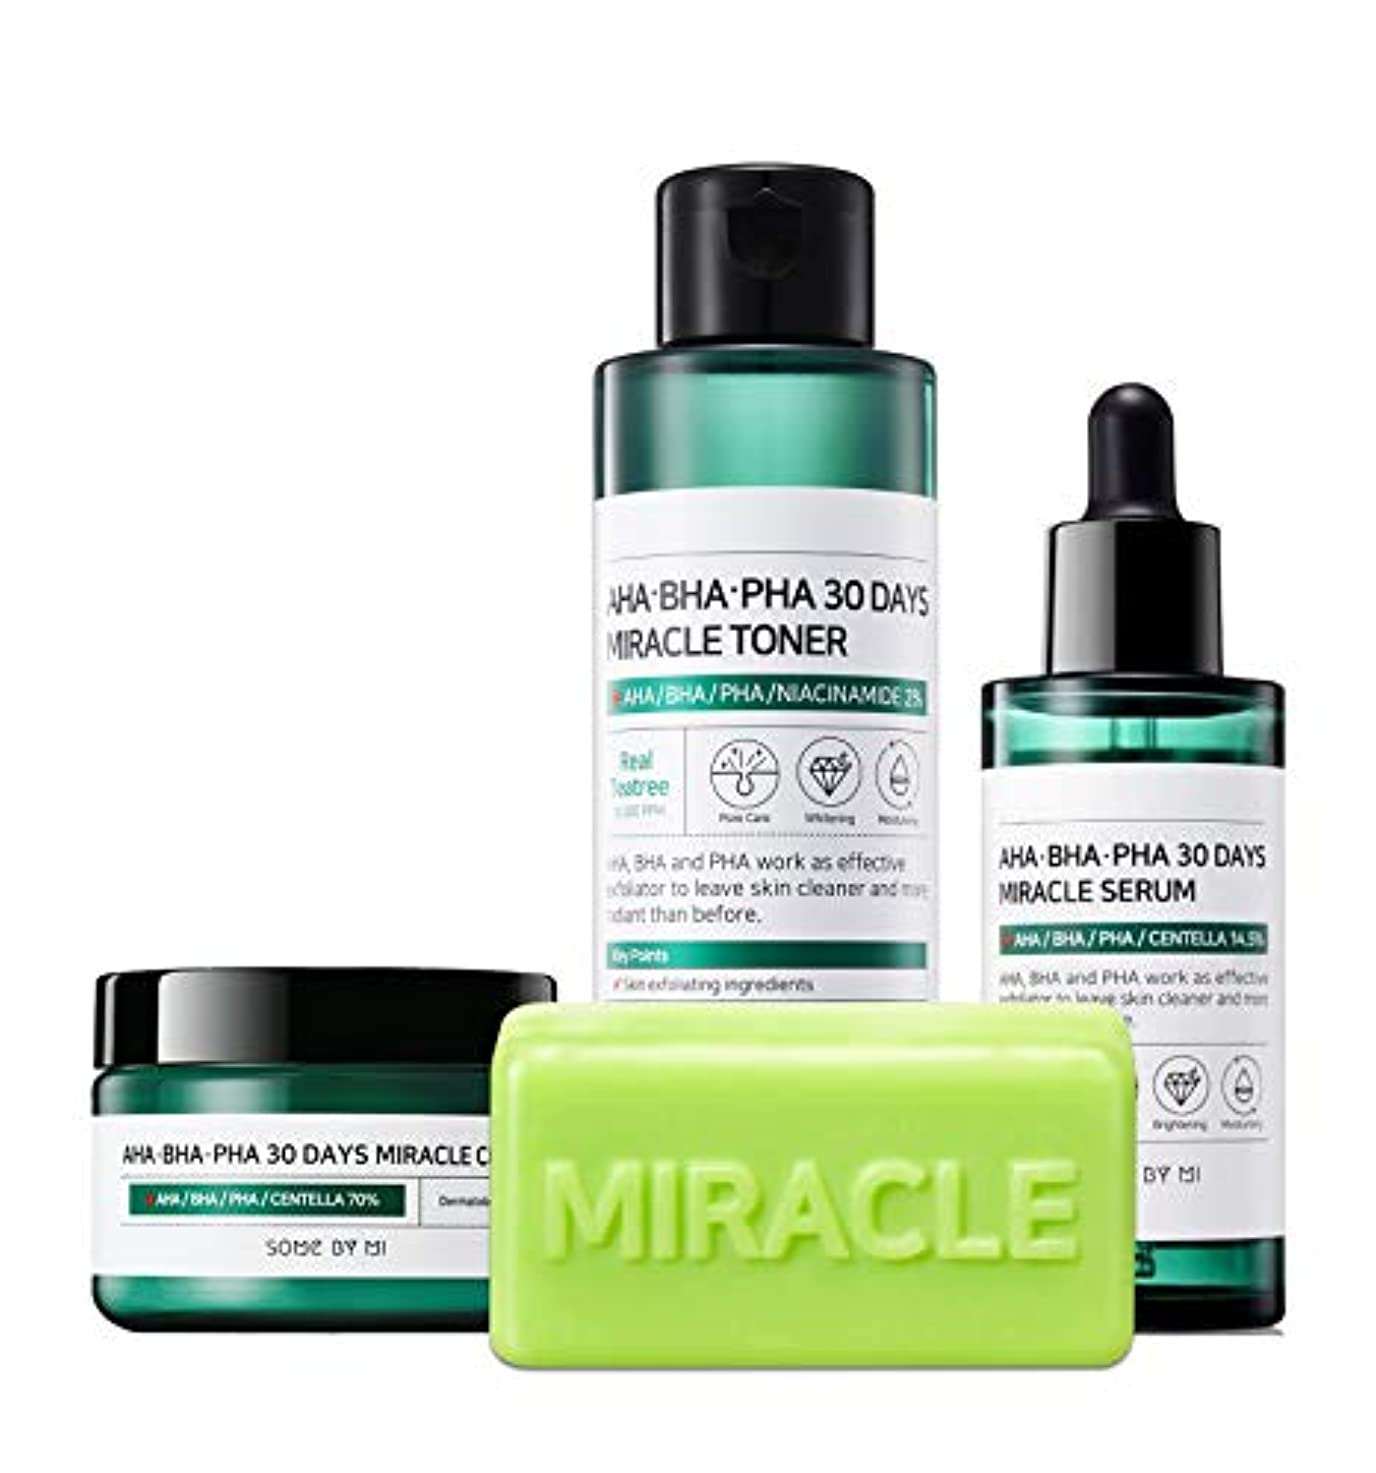 適応する復活するほのめかすSomebymi (サムバイミー) AHA BHA PHA Miracle Series Full Set 4 Pcs (Soap, Toner, Serum, Cream) Anti-acne Exfoliation...